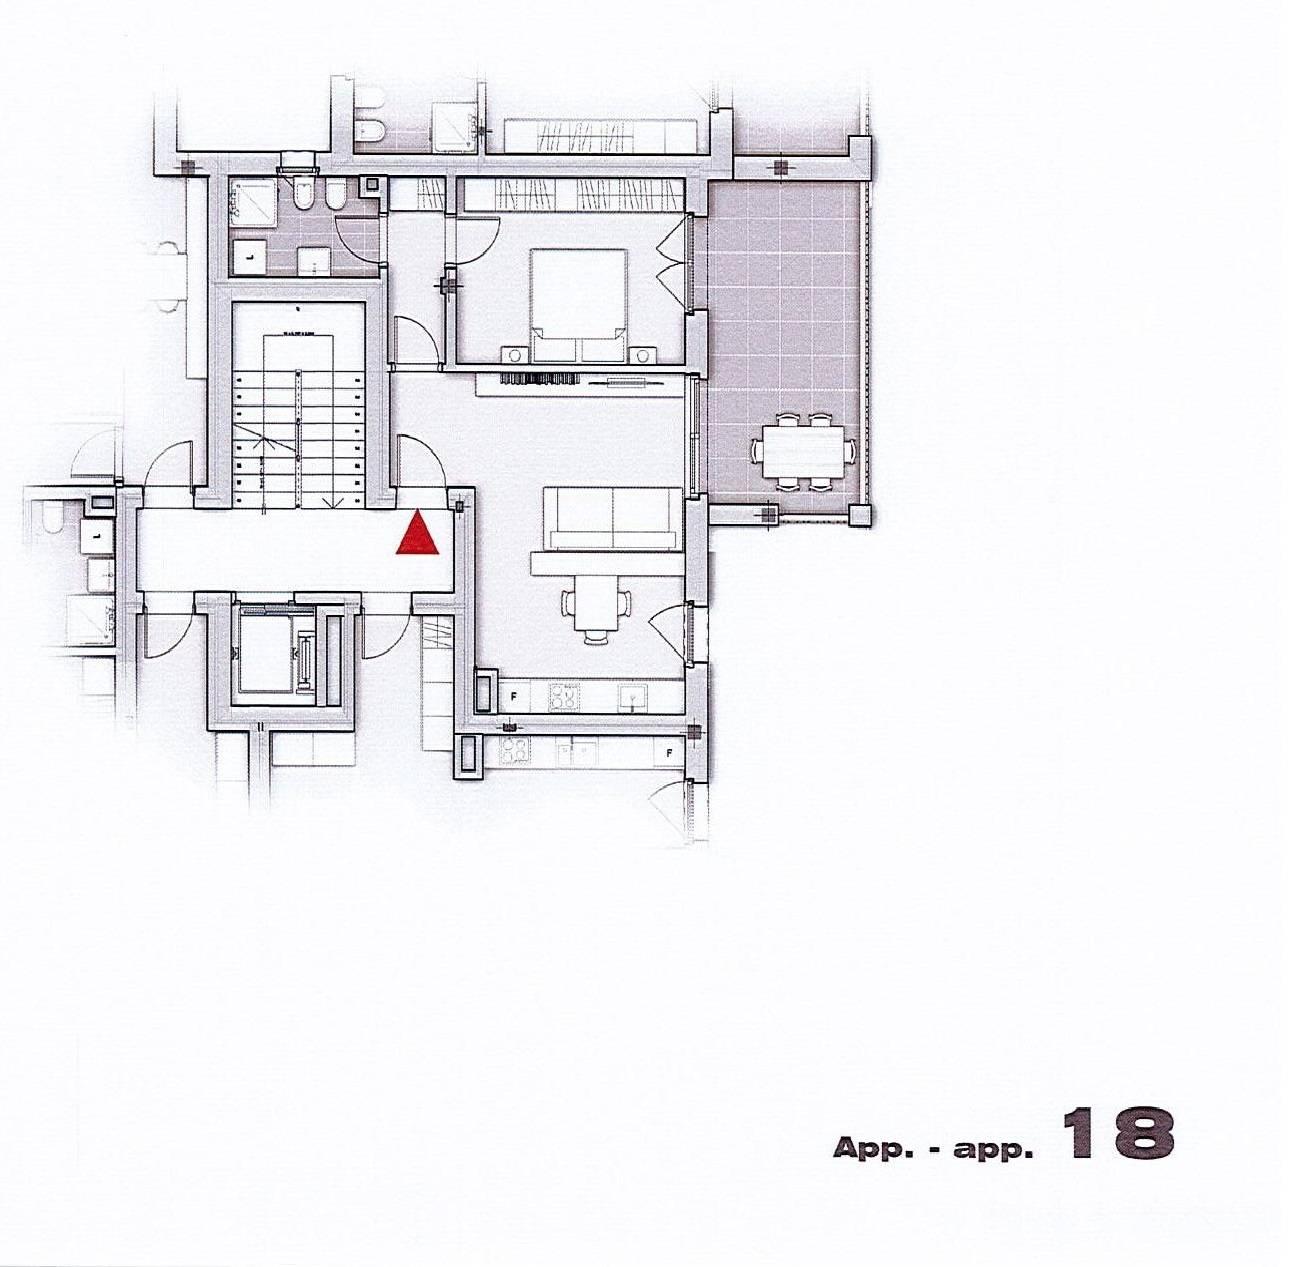 Appartamento in vendita a Appiano sulla Strada del Vino, 2 locali, zona Zona: Cornaiano, Trattative riservate | CambioCasa.it